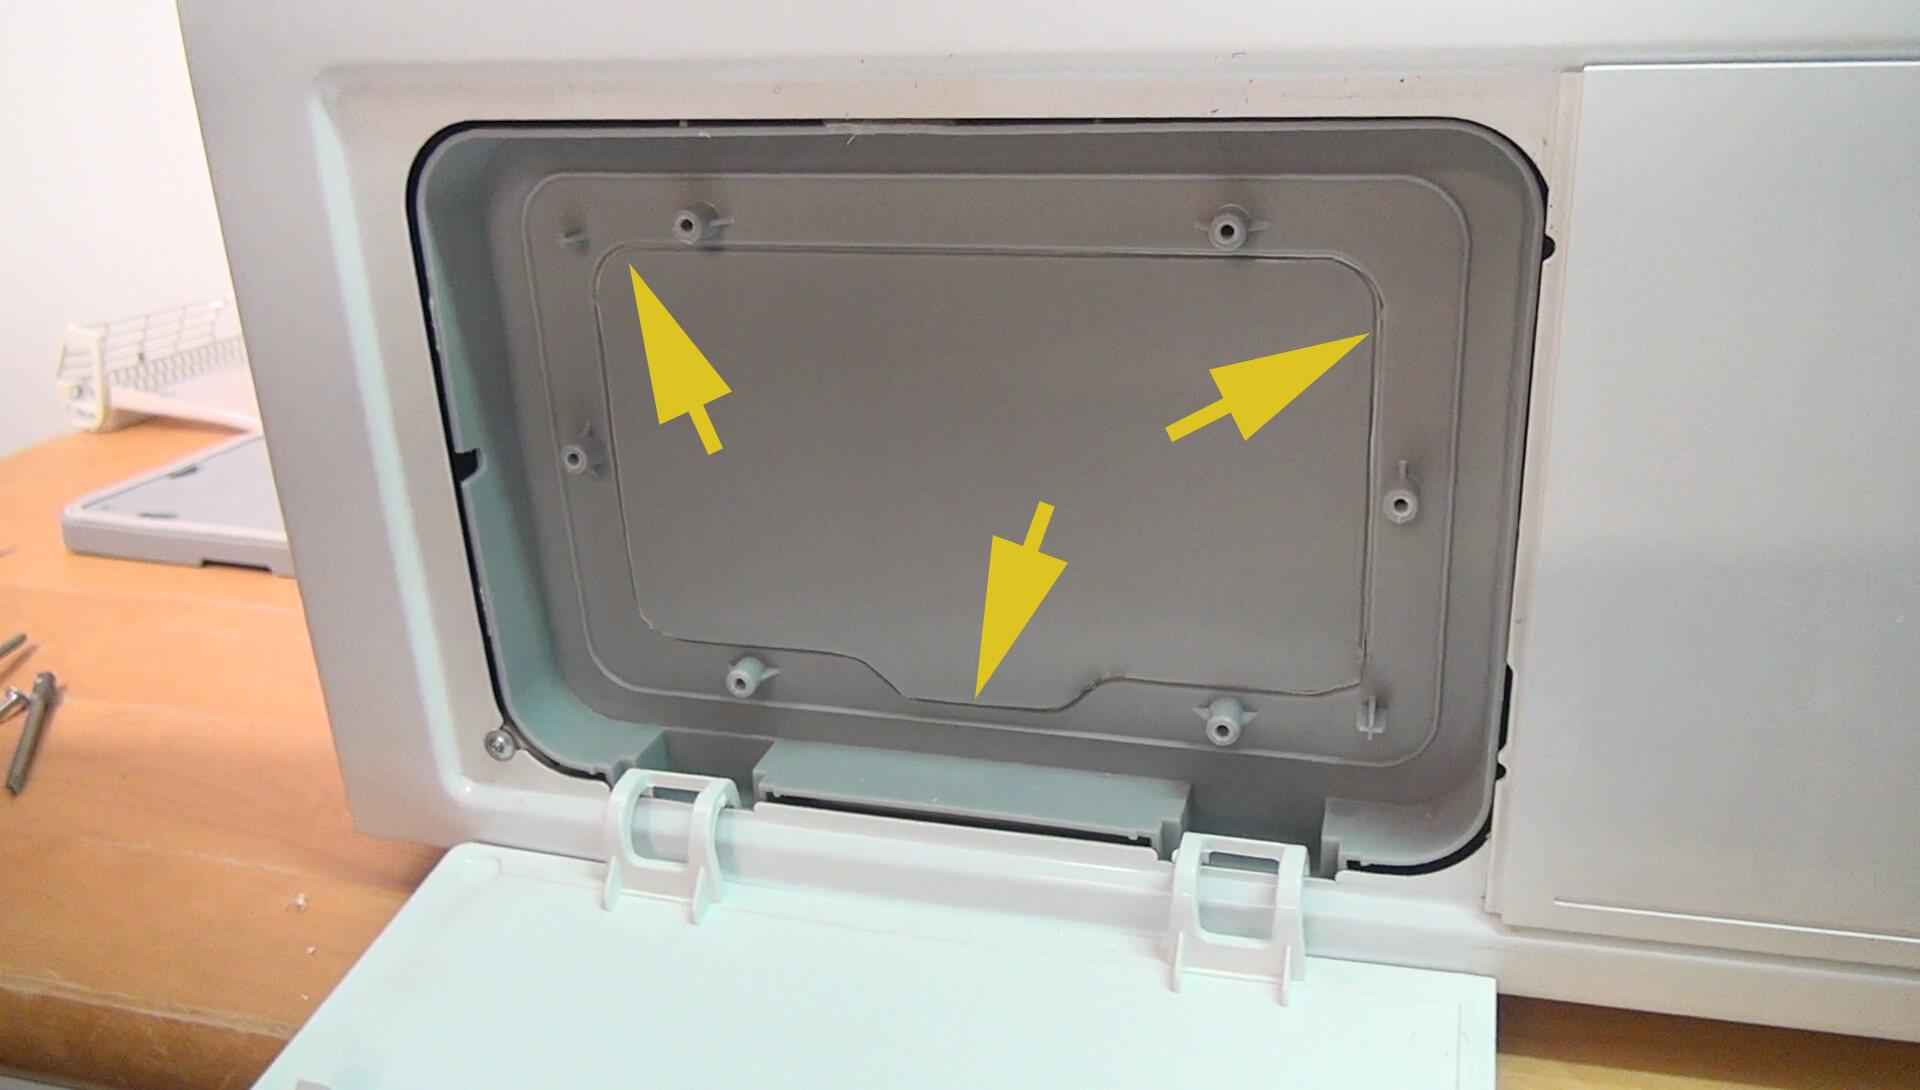 Bosch maxx trockner defekt